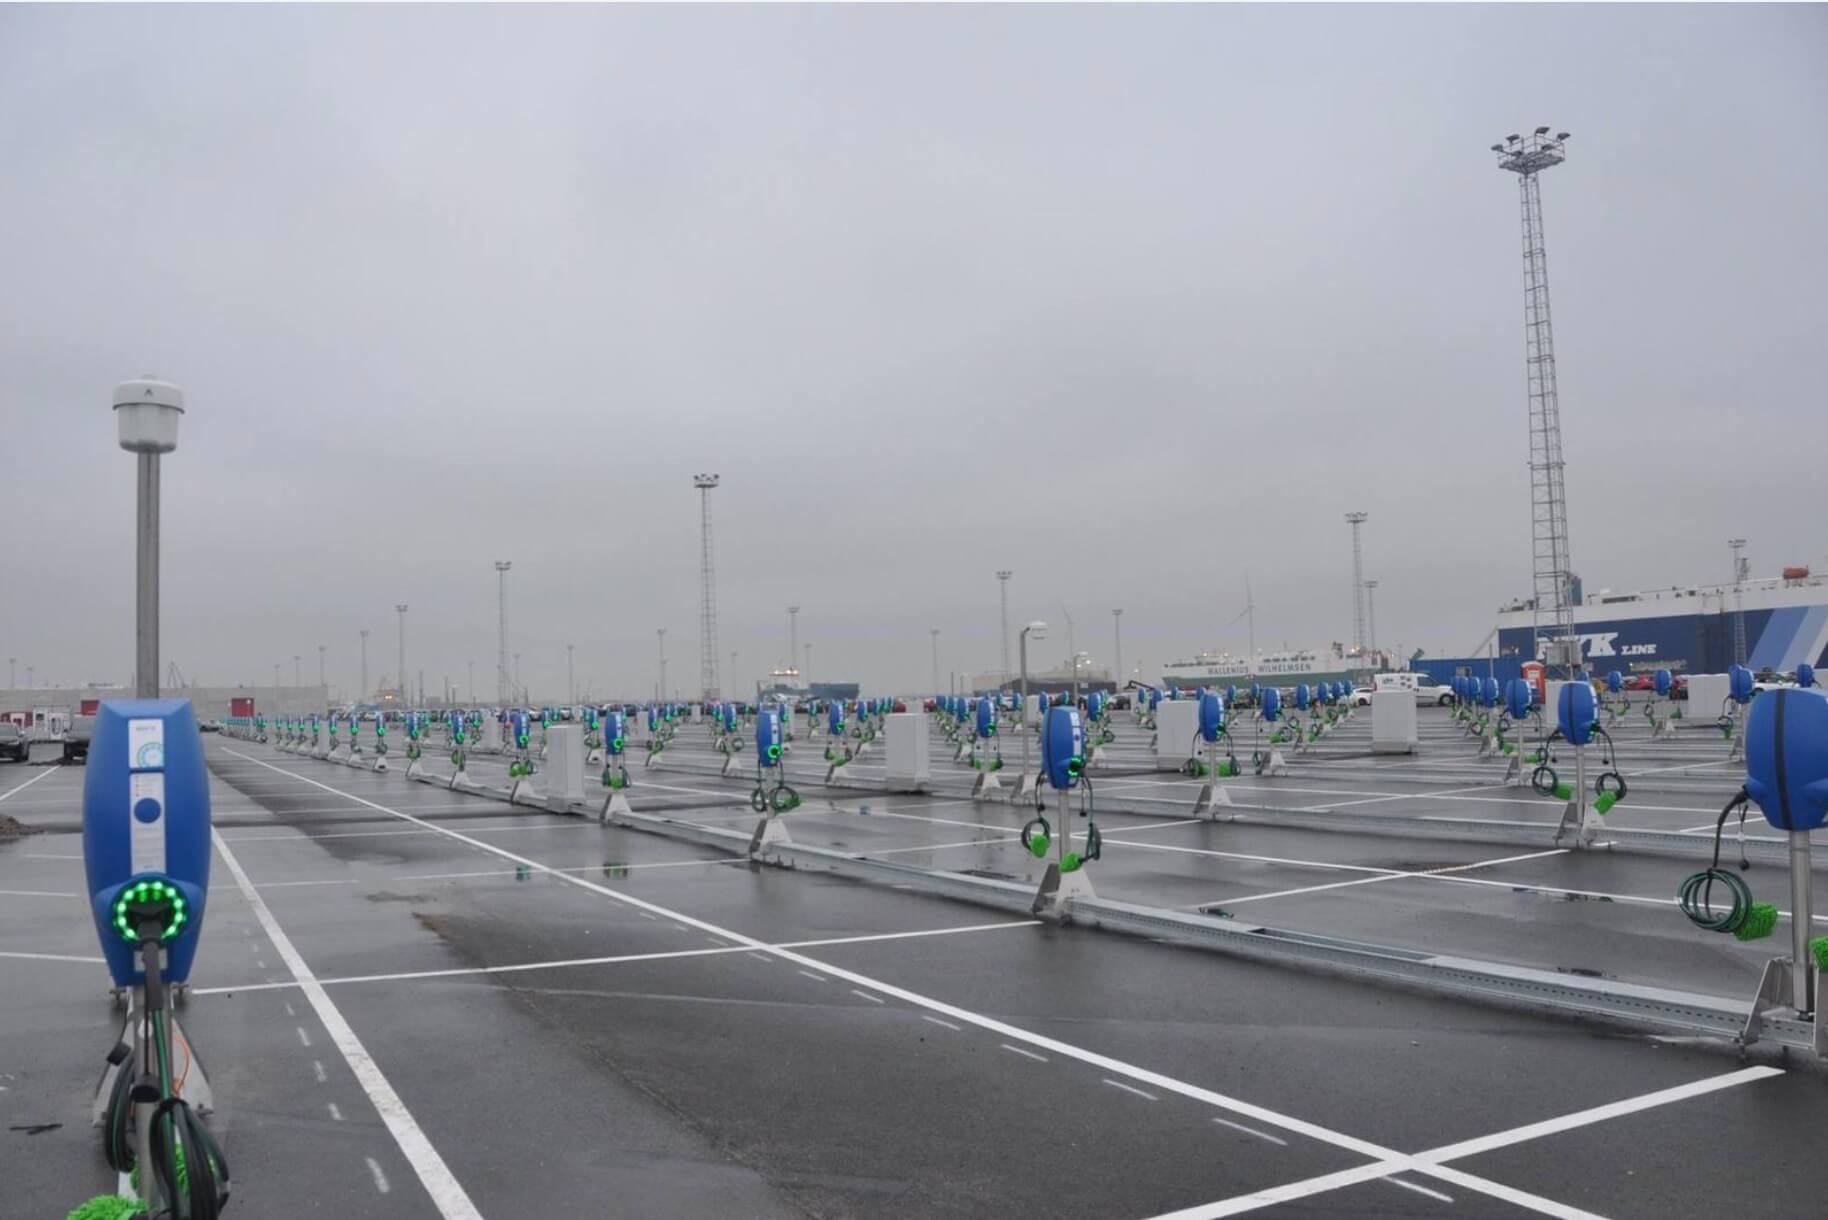 Стоянка для Model 3 в бельгийском порту Зебрюгге